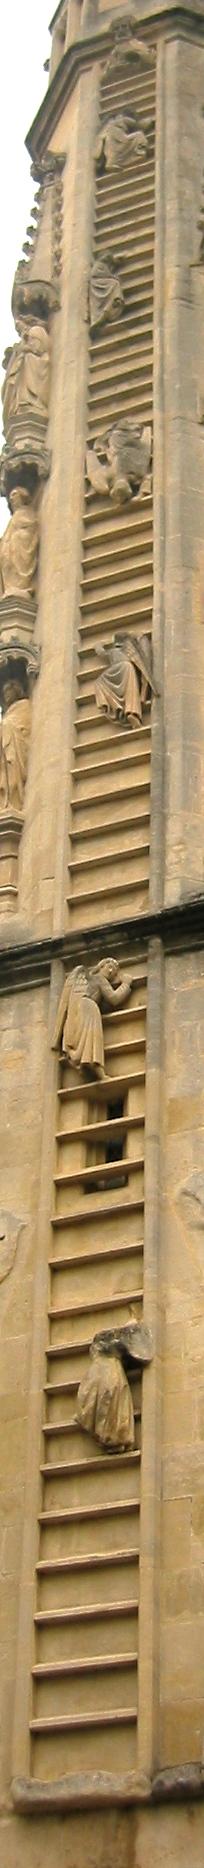 La escalera de Betel en la Abadía de Bath